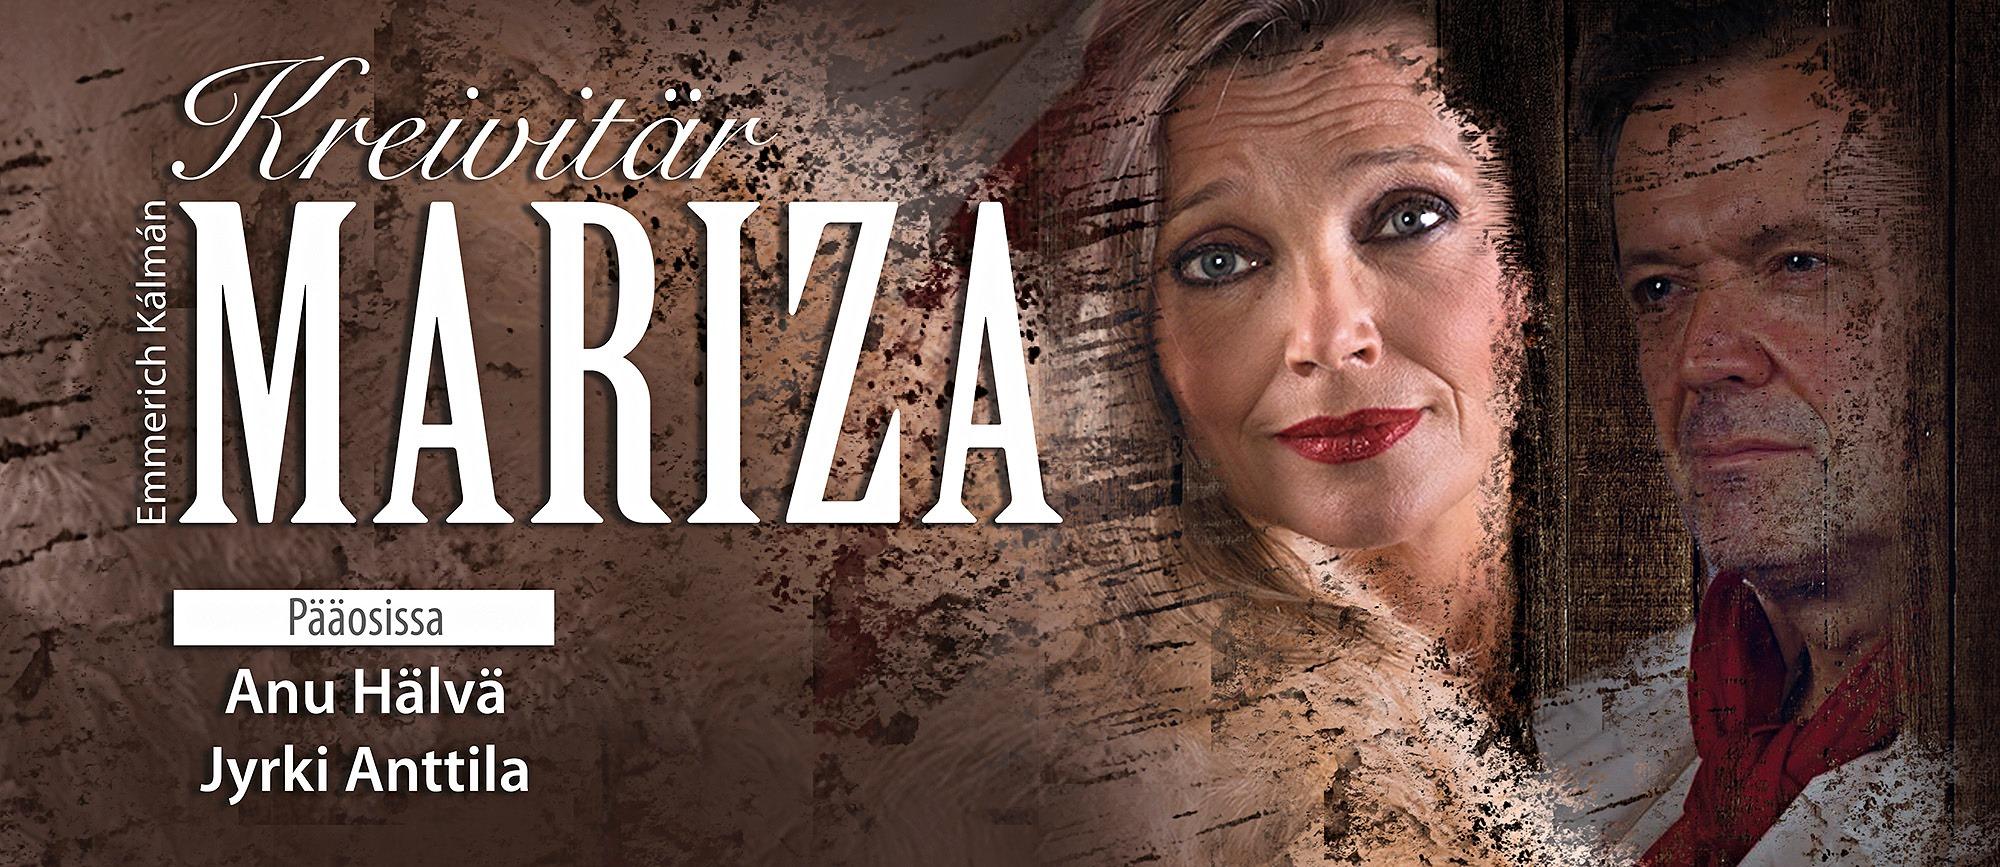 Kreivitär Mariza – operetti